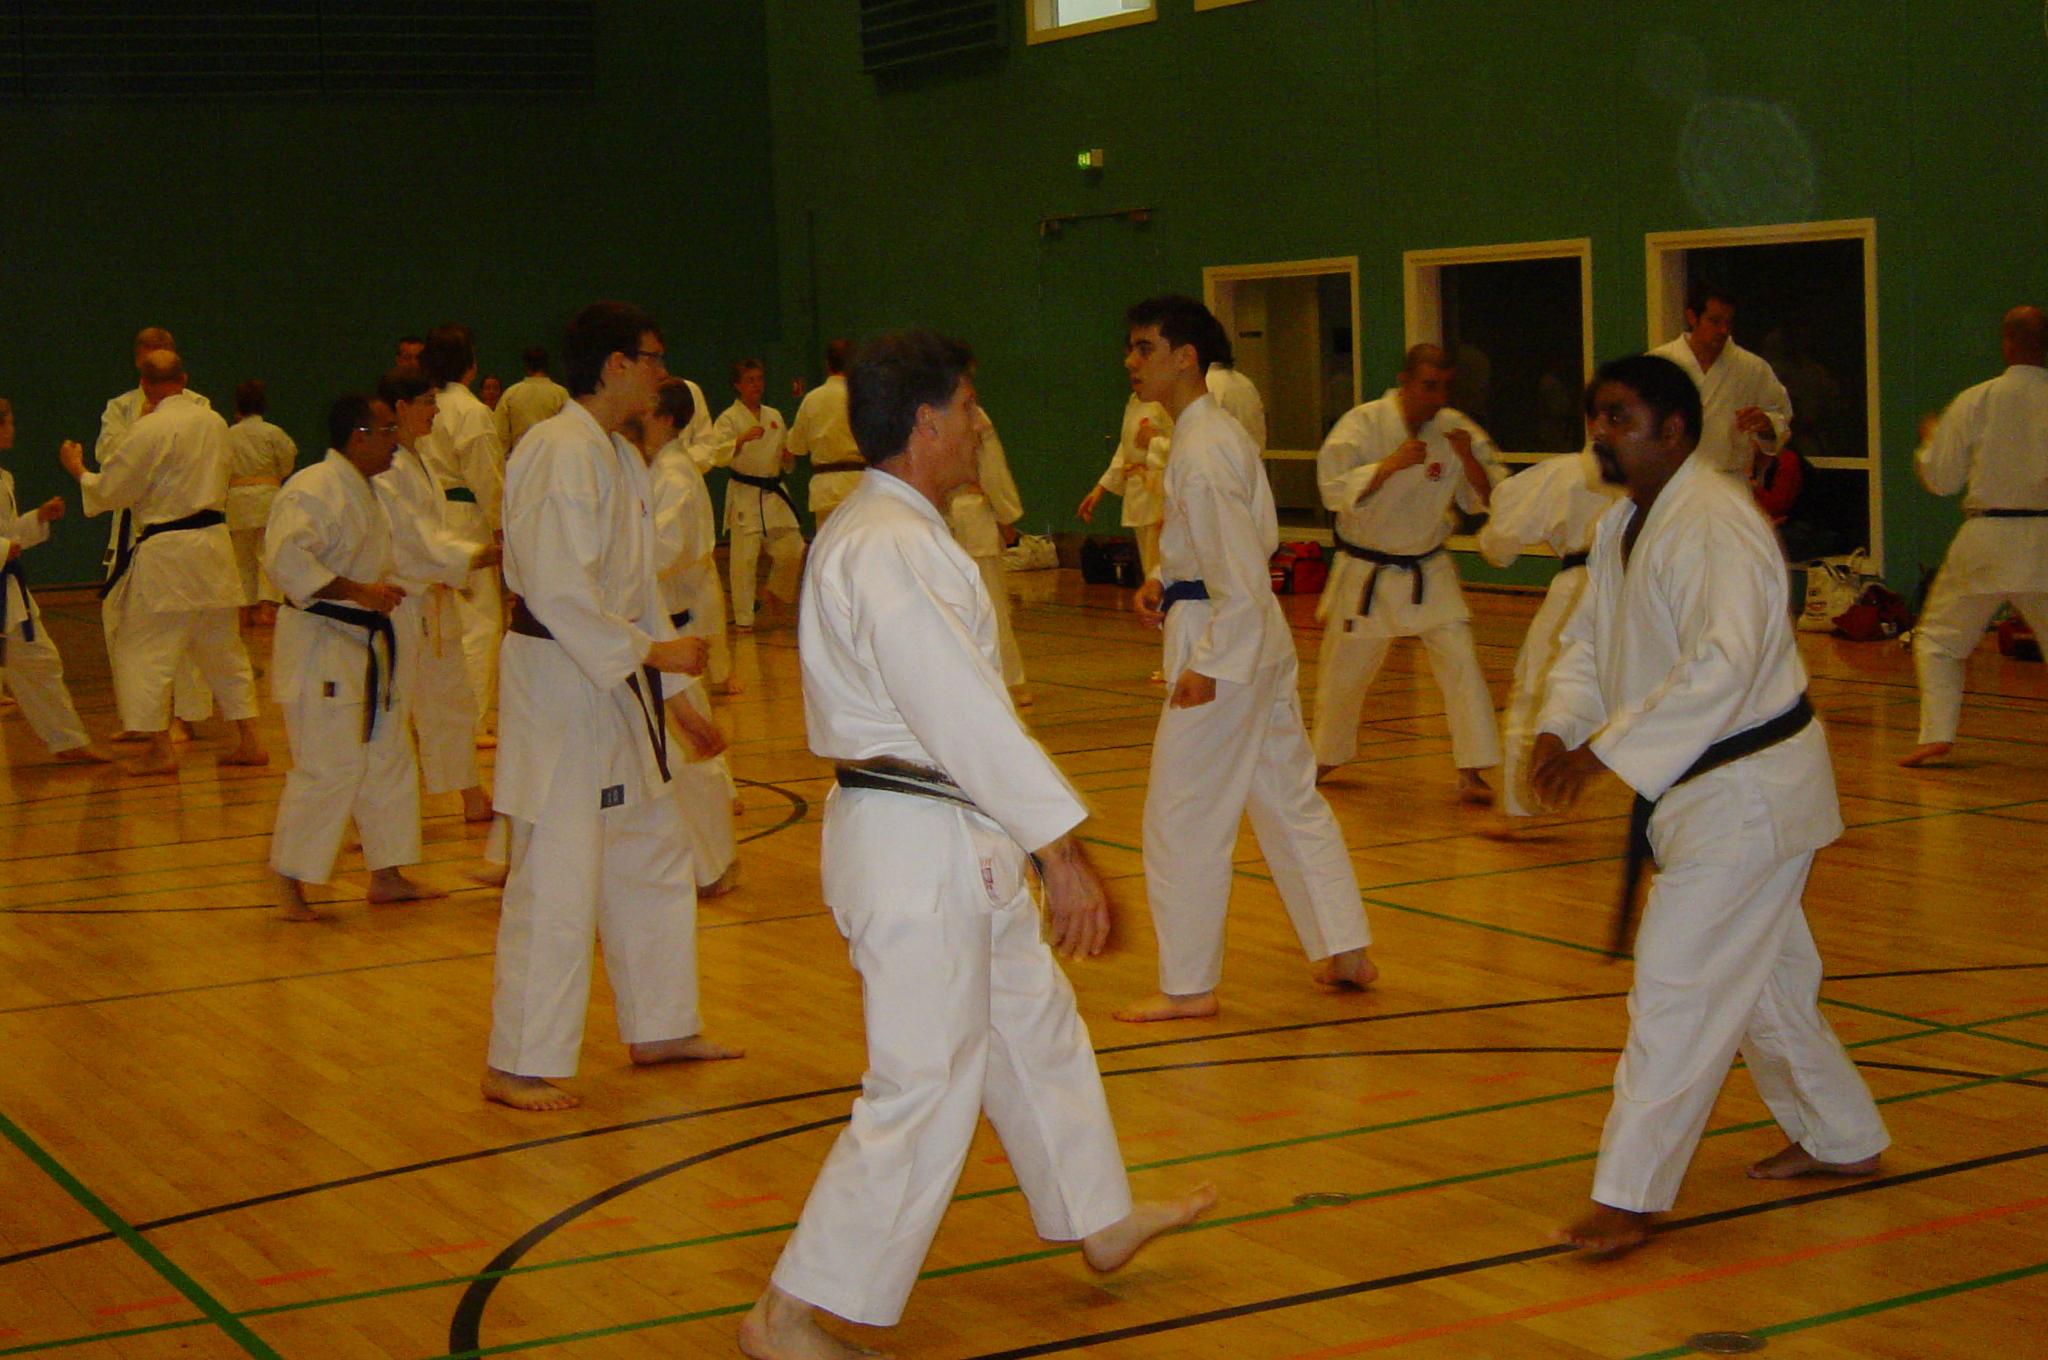 Sakagami sensai seminar 2004 075 (19)